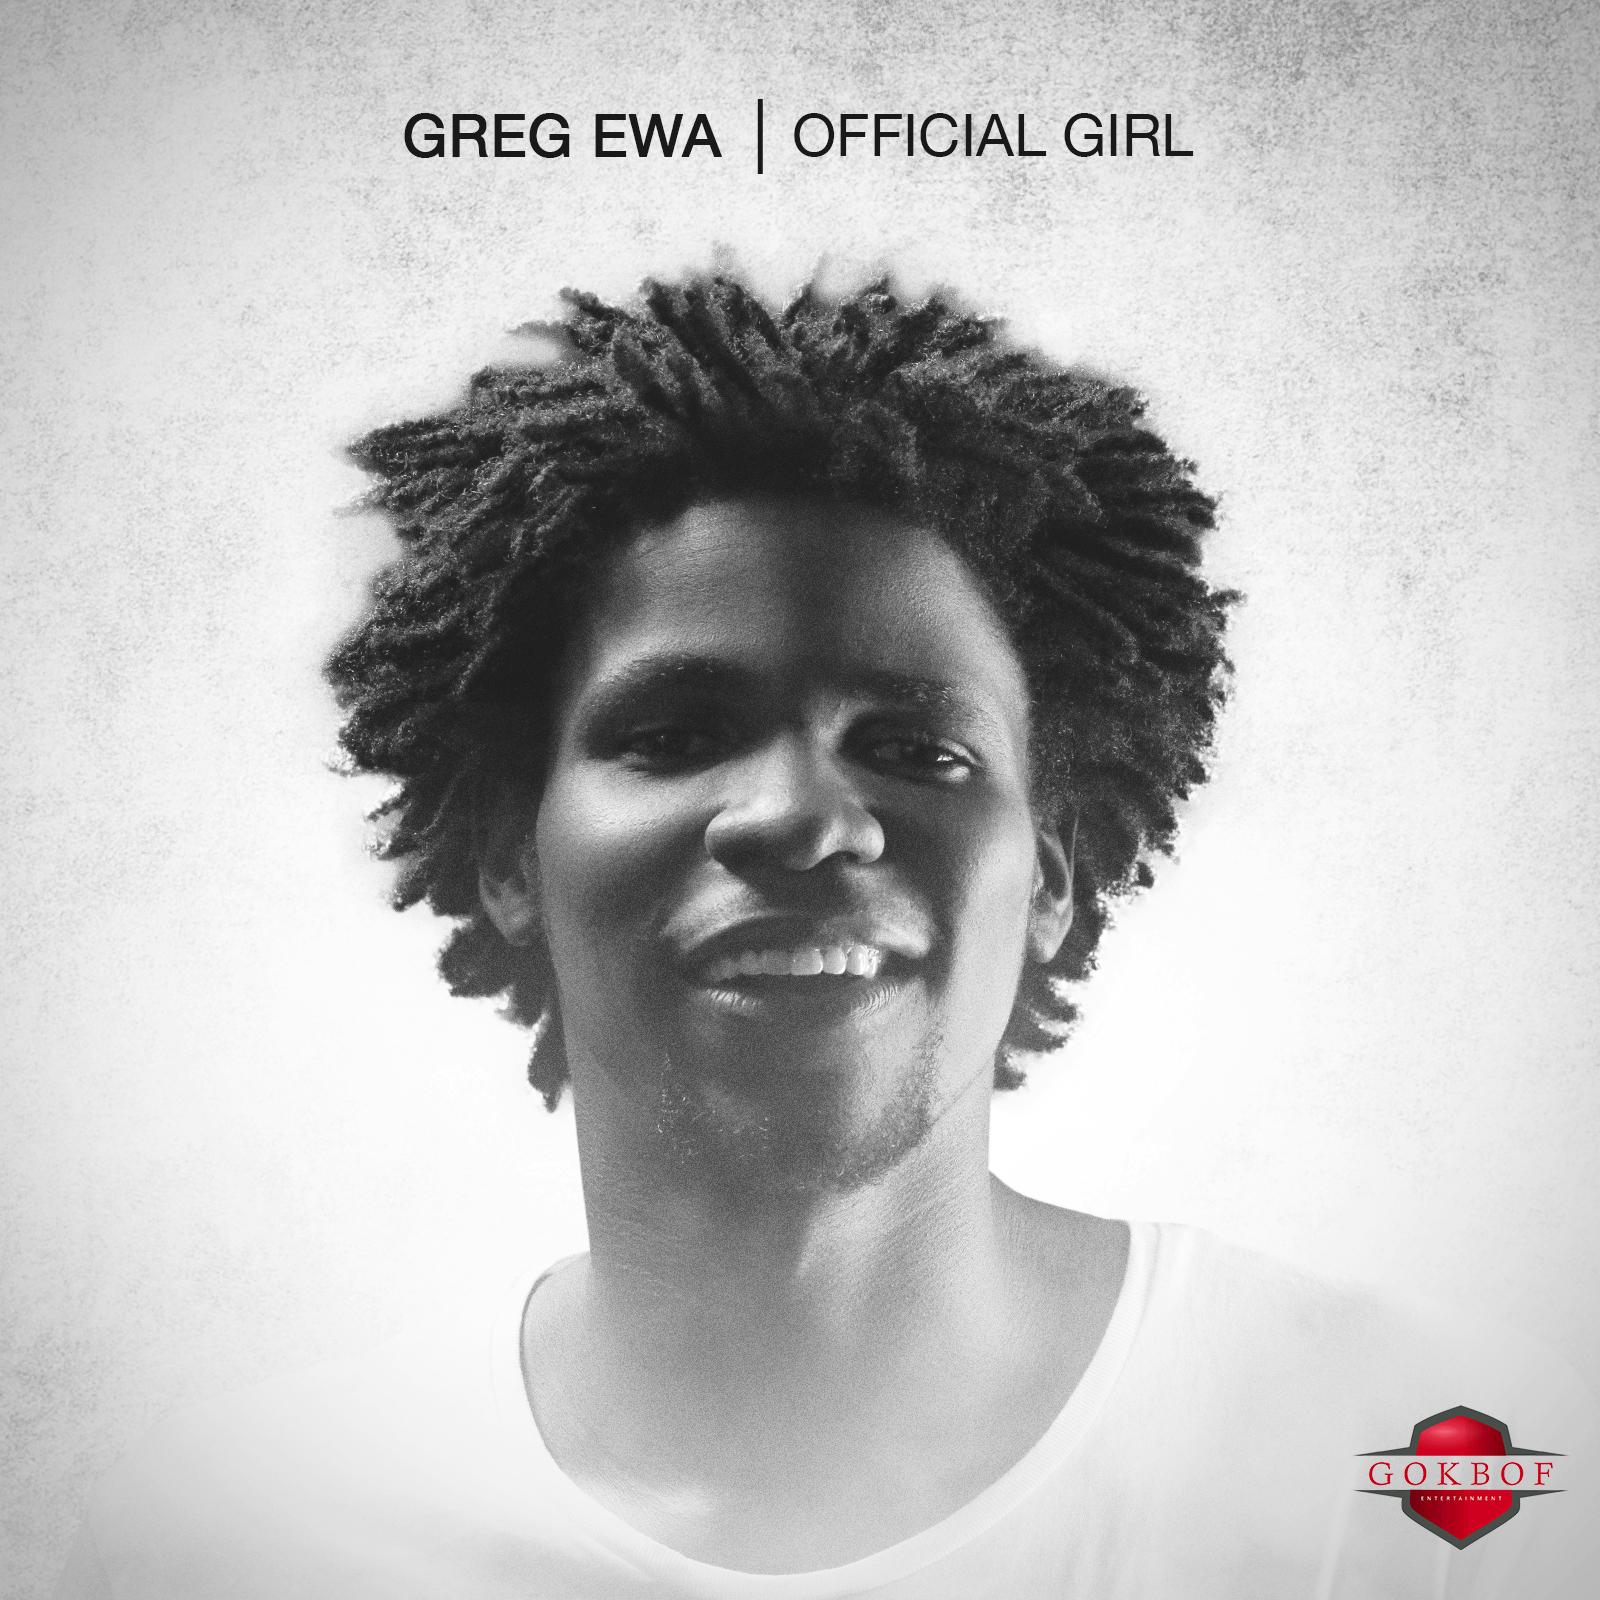 Greg Ewa – Official Girl